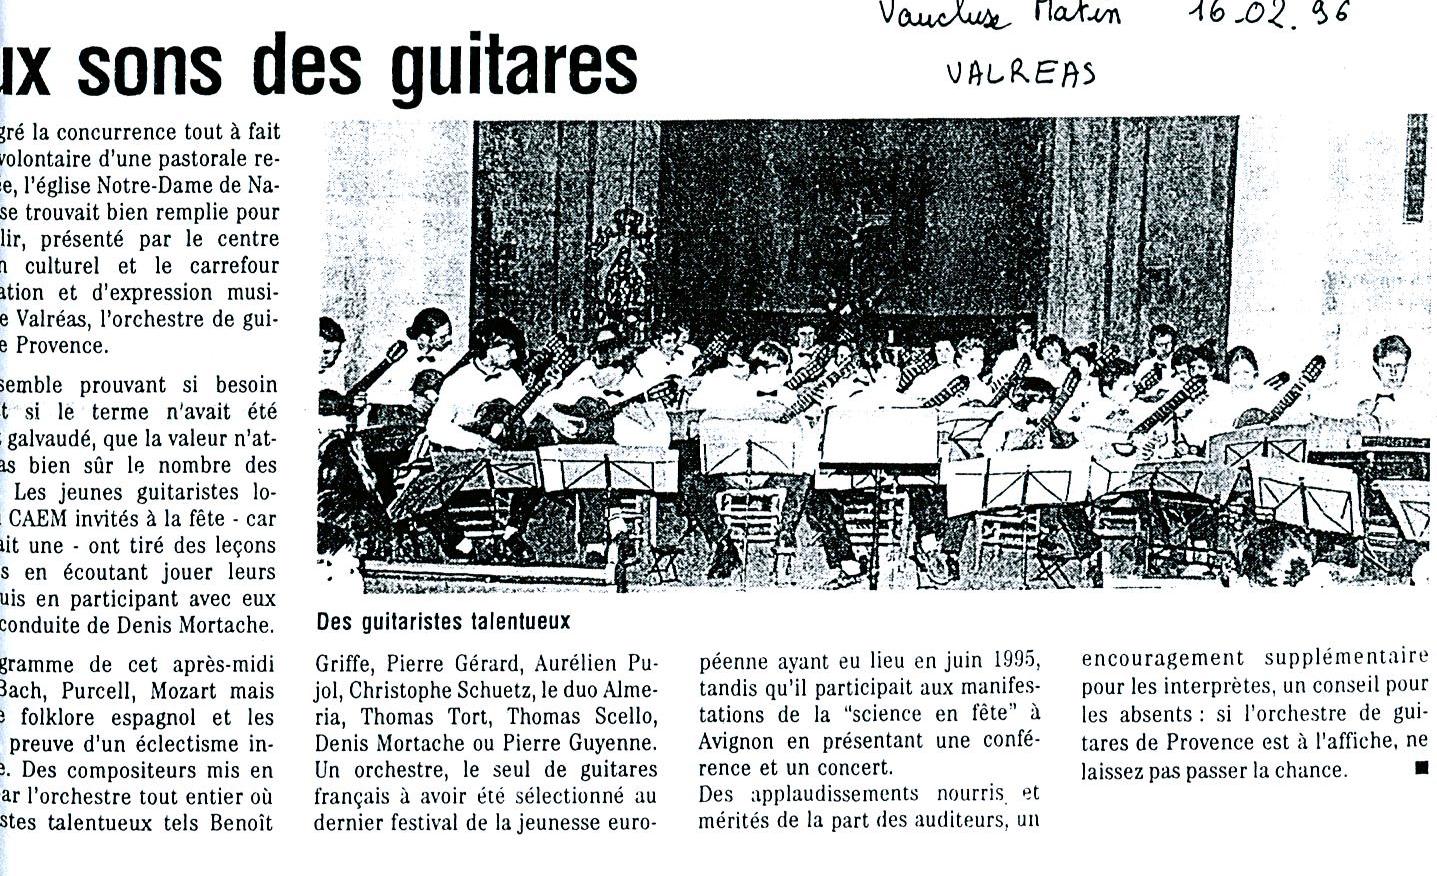 19960216-vaucluse-matin-valreas